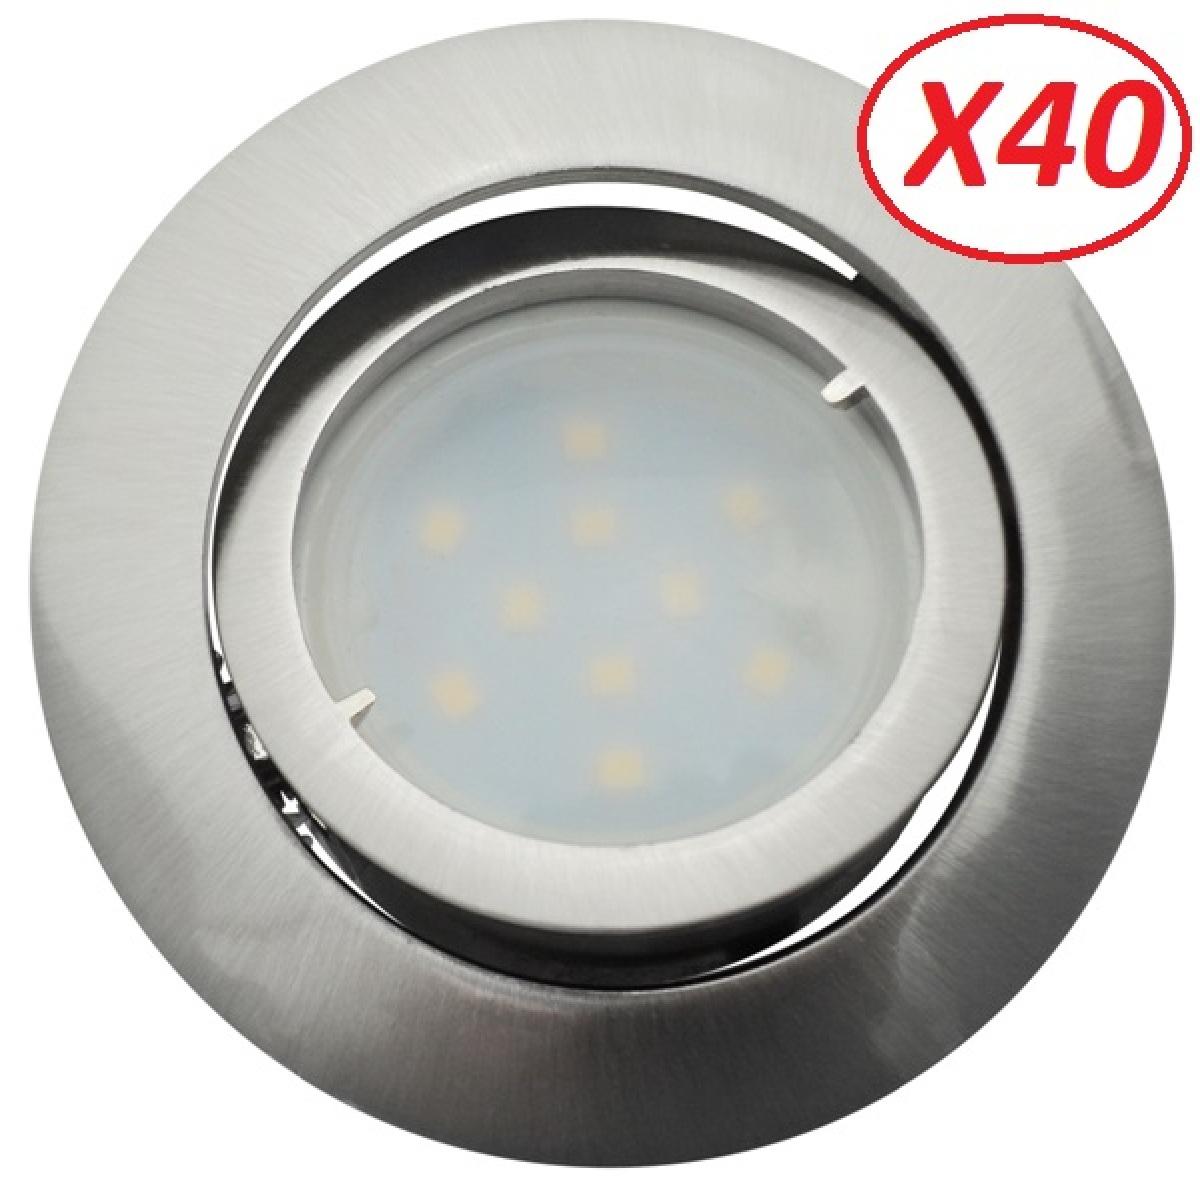 Eurobryte Lot de 40 Spot Led Encastrable Complete Satin Orientable lumière Blanc Neutre eq. 50W ref.895